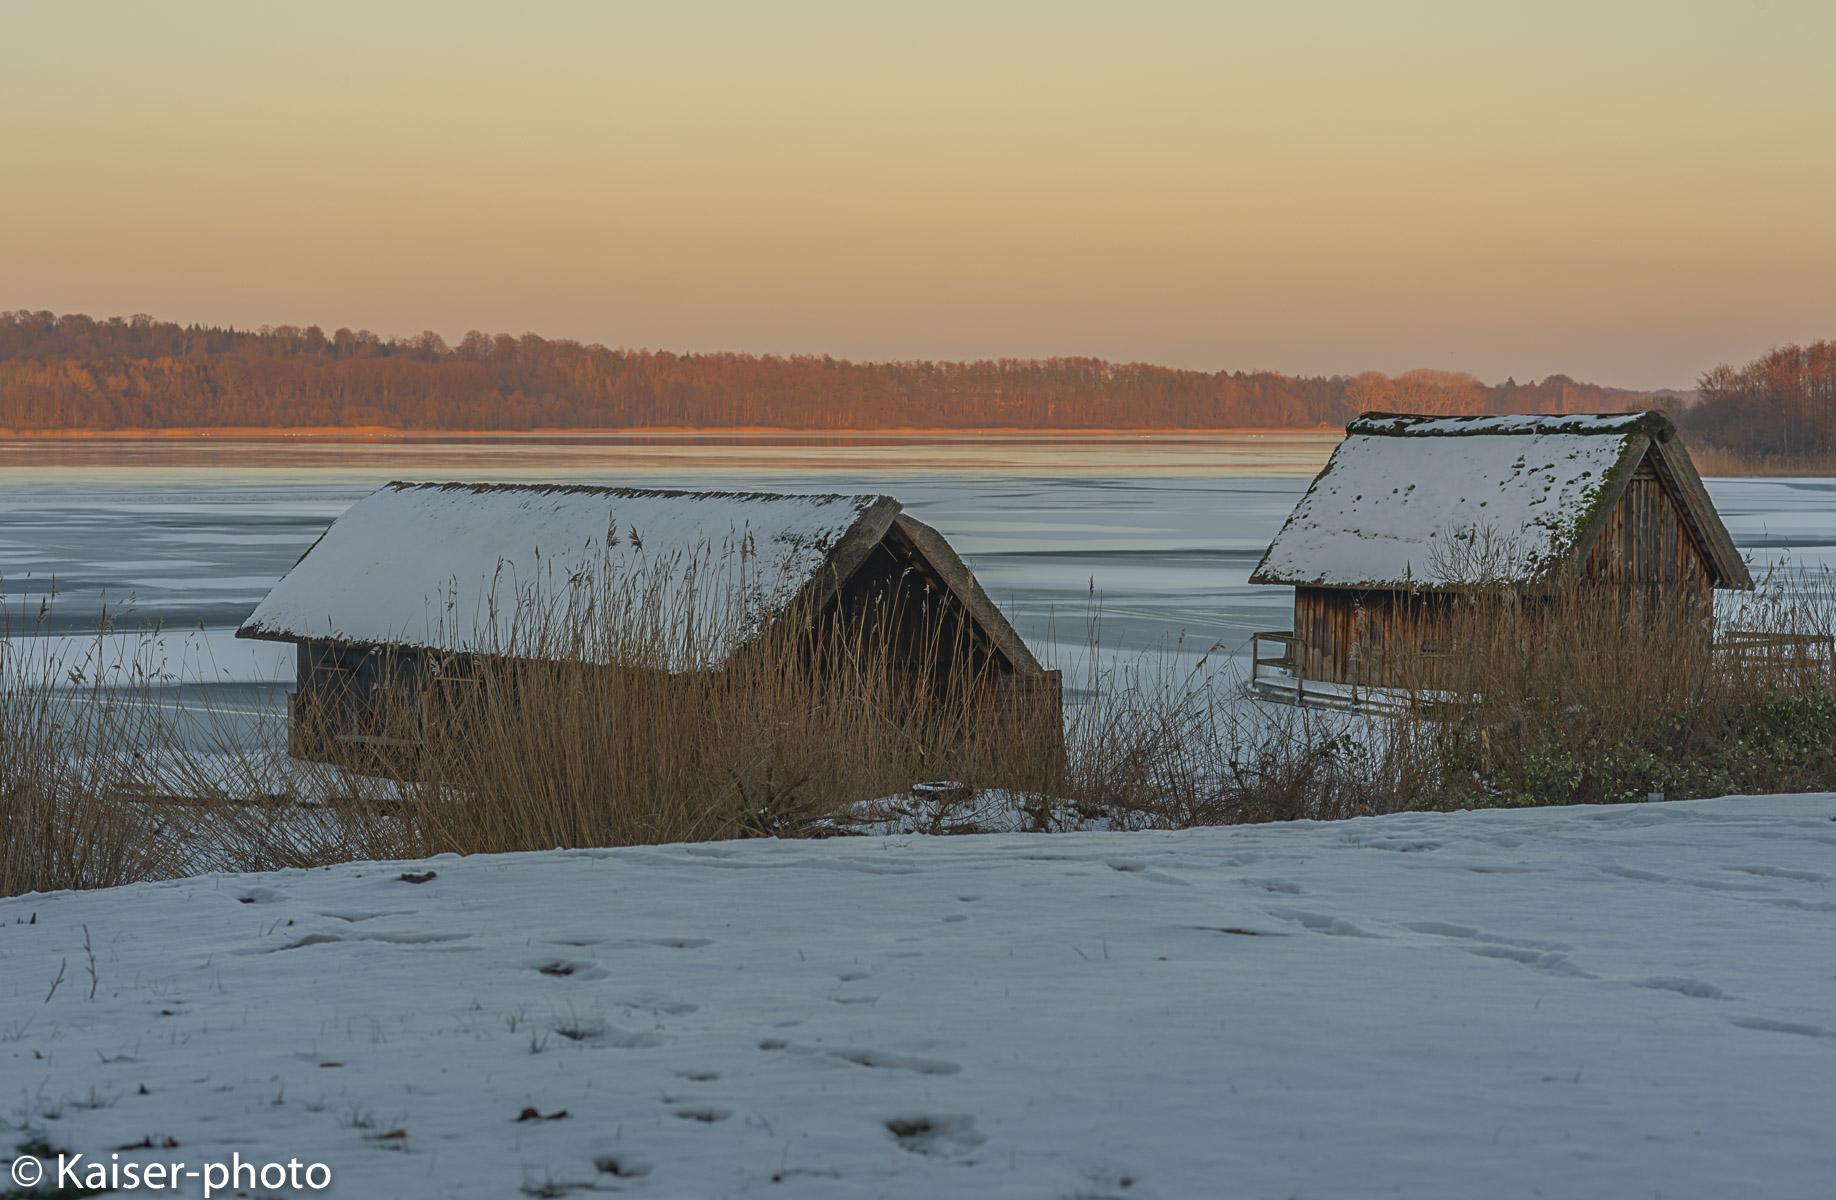 Lauenburg Lakes Nature Park. Schilfgedeckte Bootshäuser am Ufer